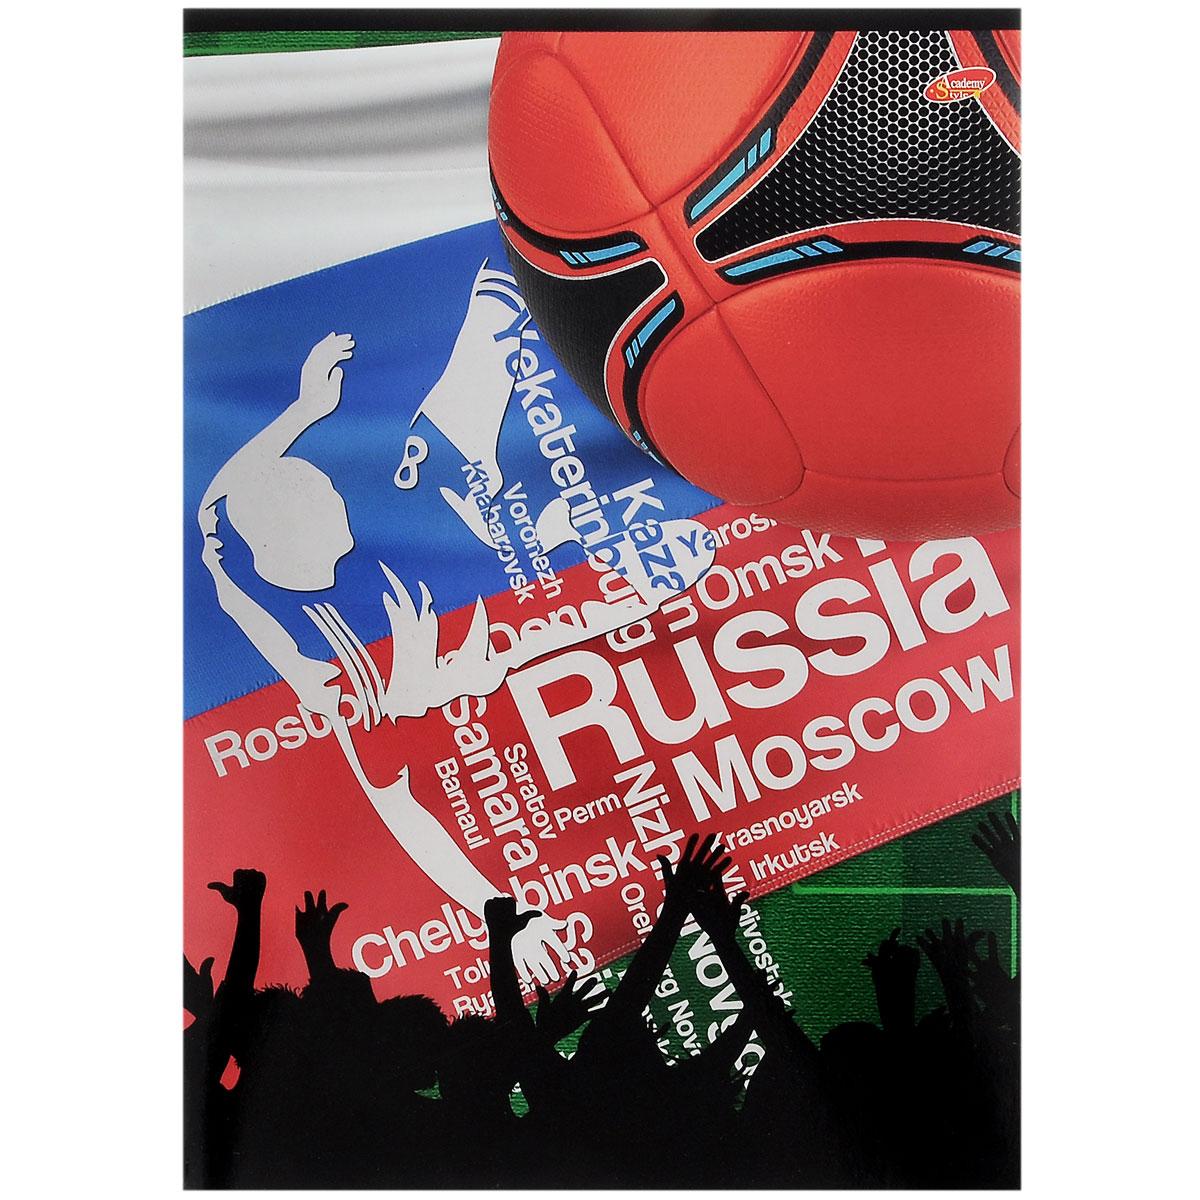 Тетрадь в клетку Красный мяч, 80 листов, формат А4 oxford тетрадь international easybook 80 листов в клетку формат а4